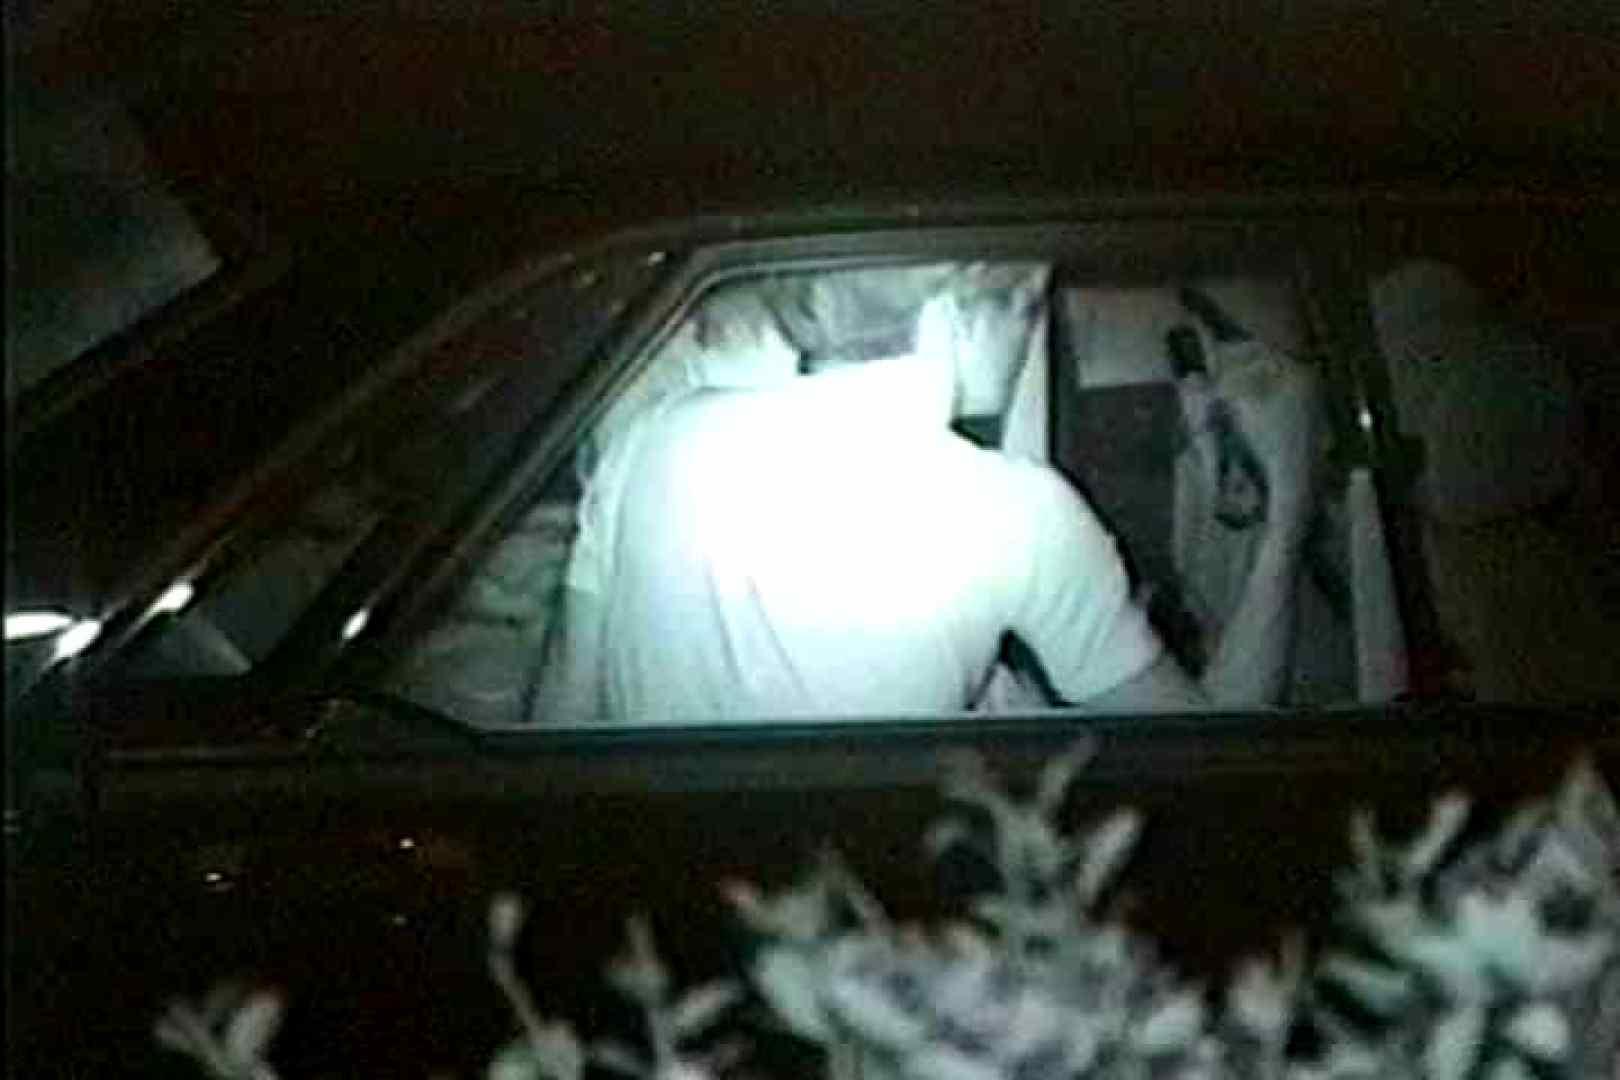 車の中はラブホテル 無修正版  Vol.6 エロティックなOL ワレメ無修正動画無料 89画像 42